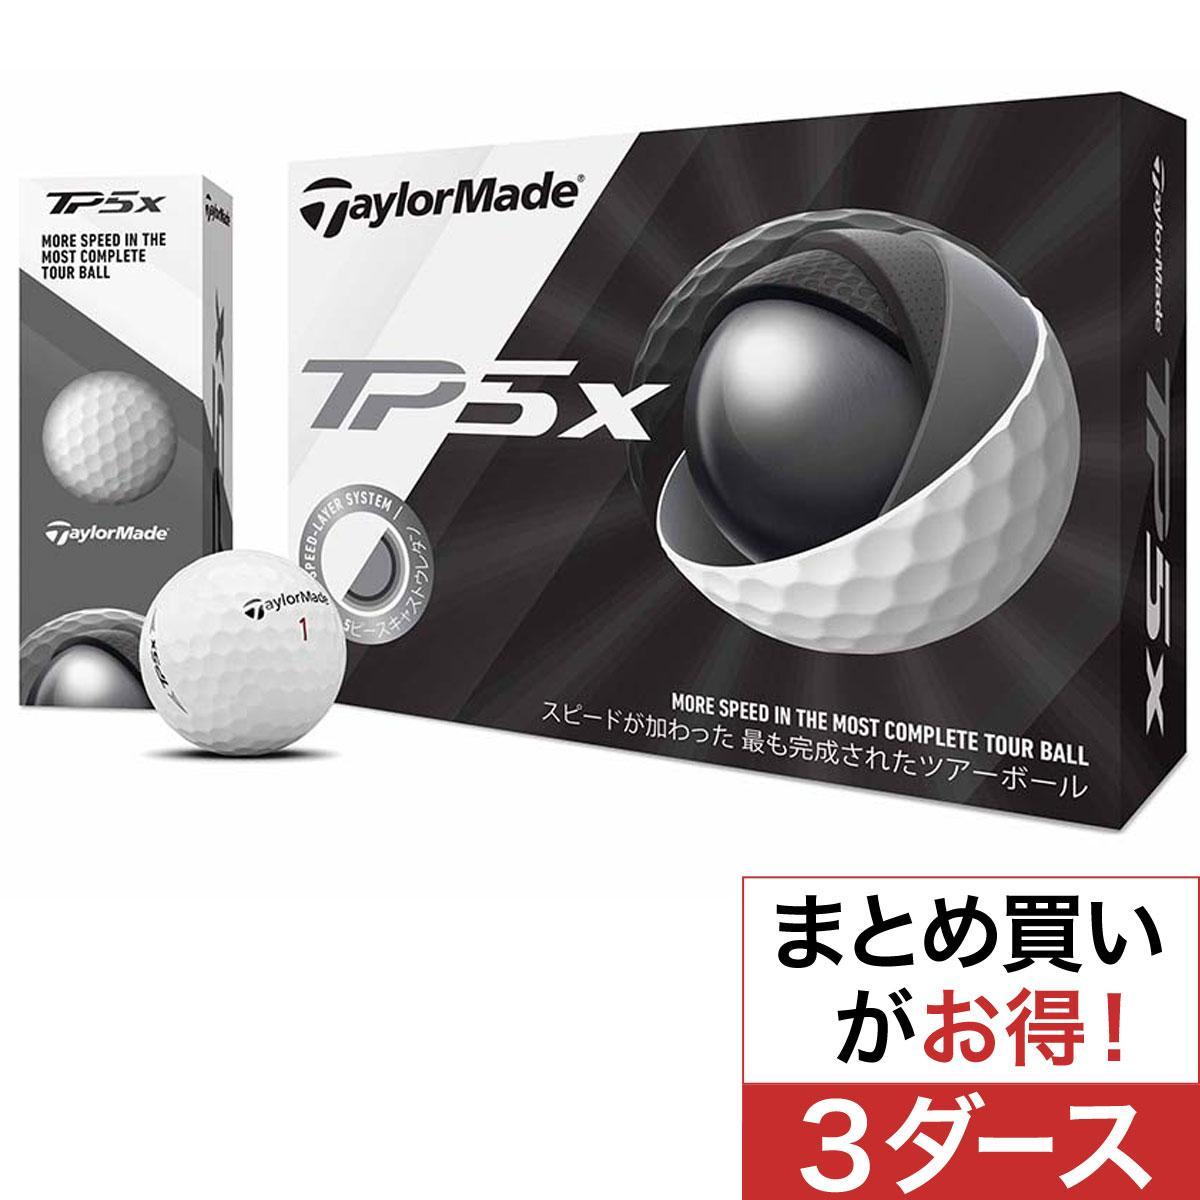 テーラーメイド TP5x ボール 3ダースセット[テイラーメイド テーラーメード テイラーメード taylormade taylor made まとめ買い ついで買い 即納 あす楽]